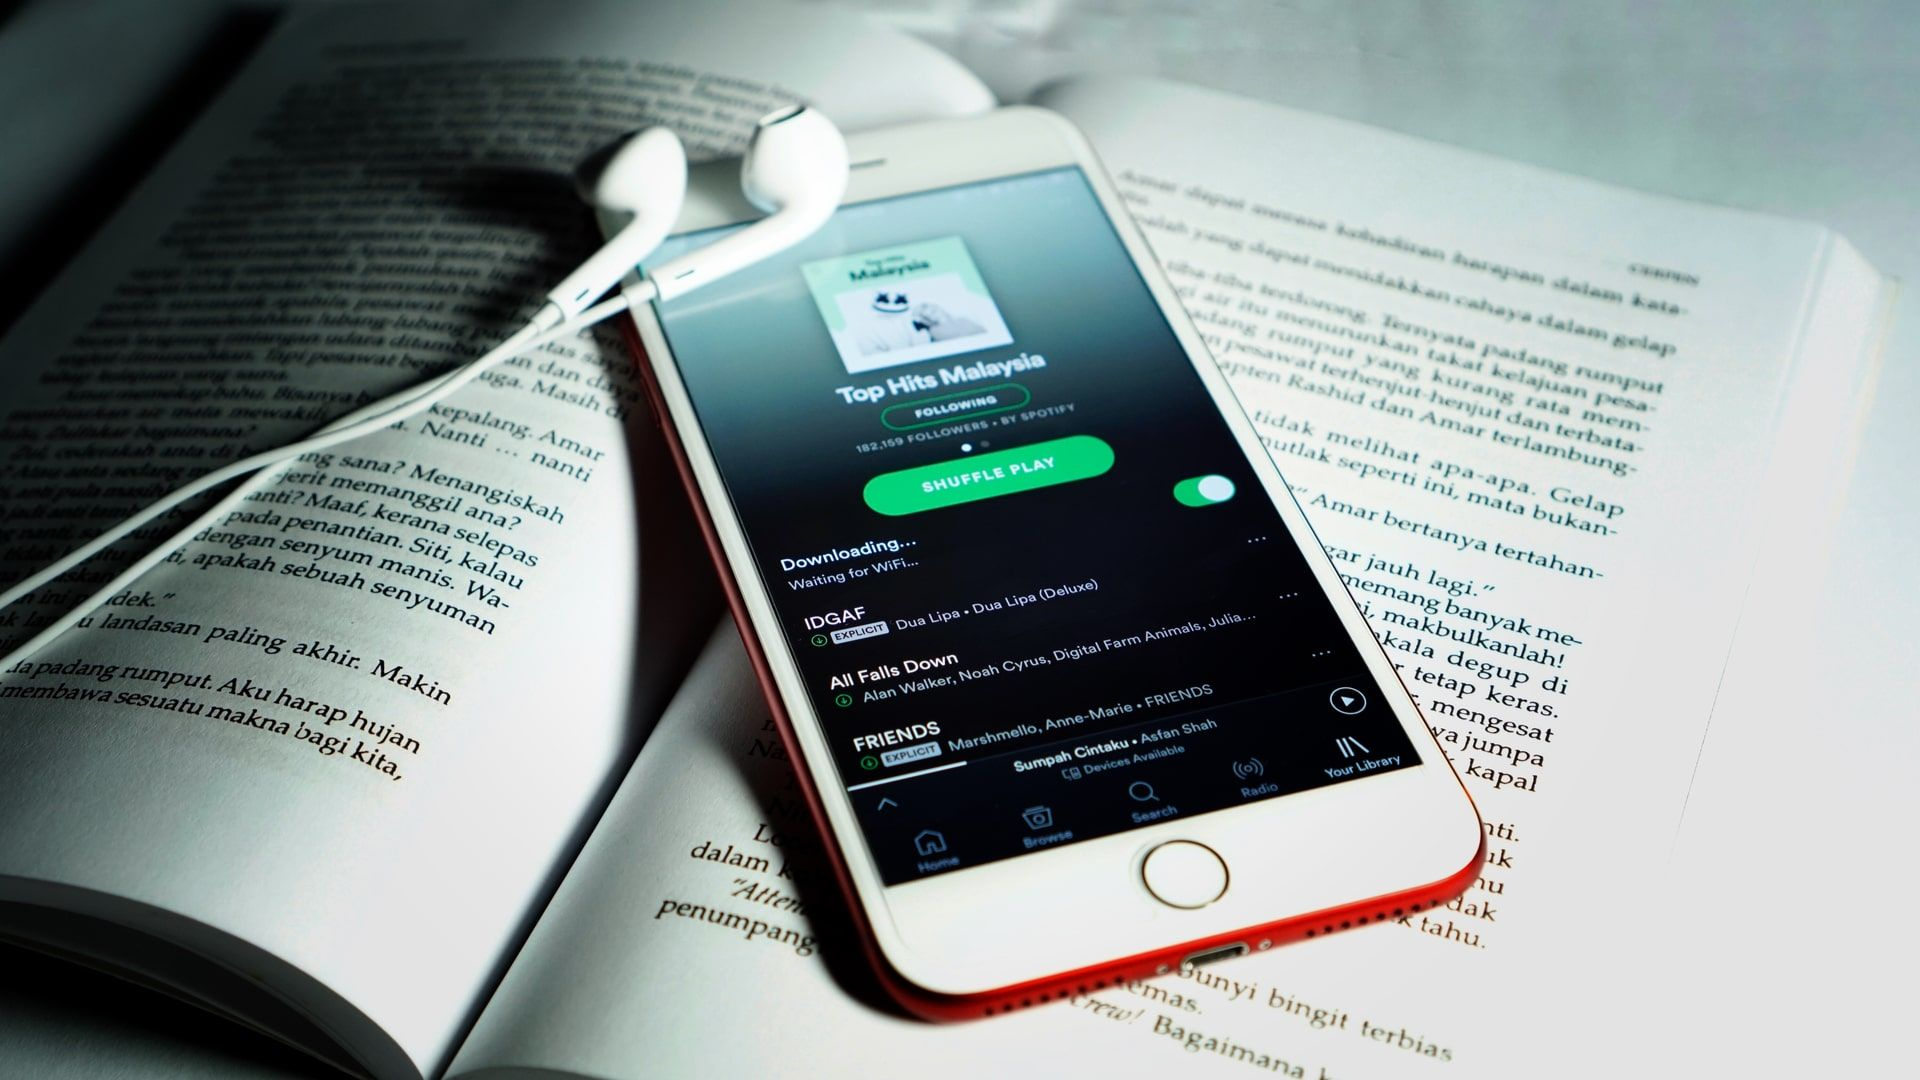 Recurso de baixar músicas do Spotify é exclusivo de planos Premium (Foto: Shutterstock)